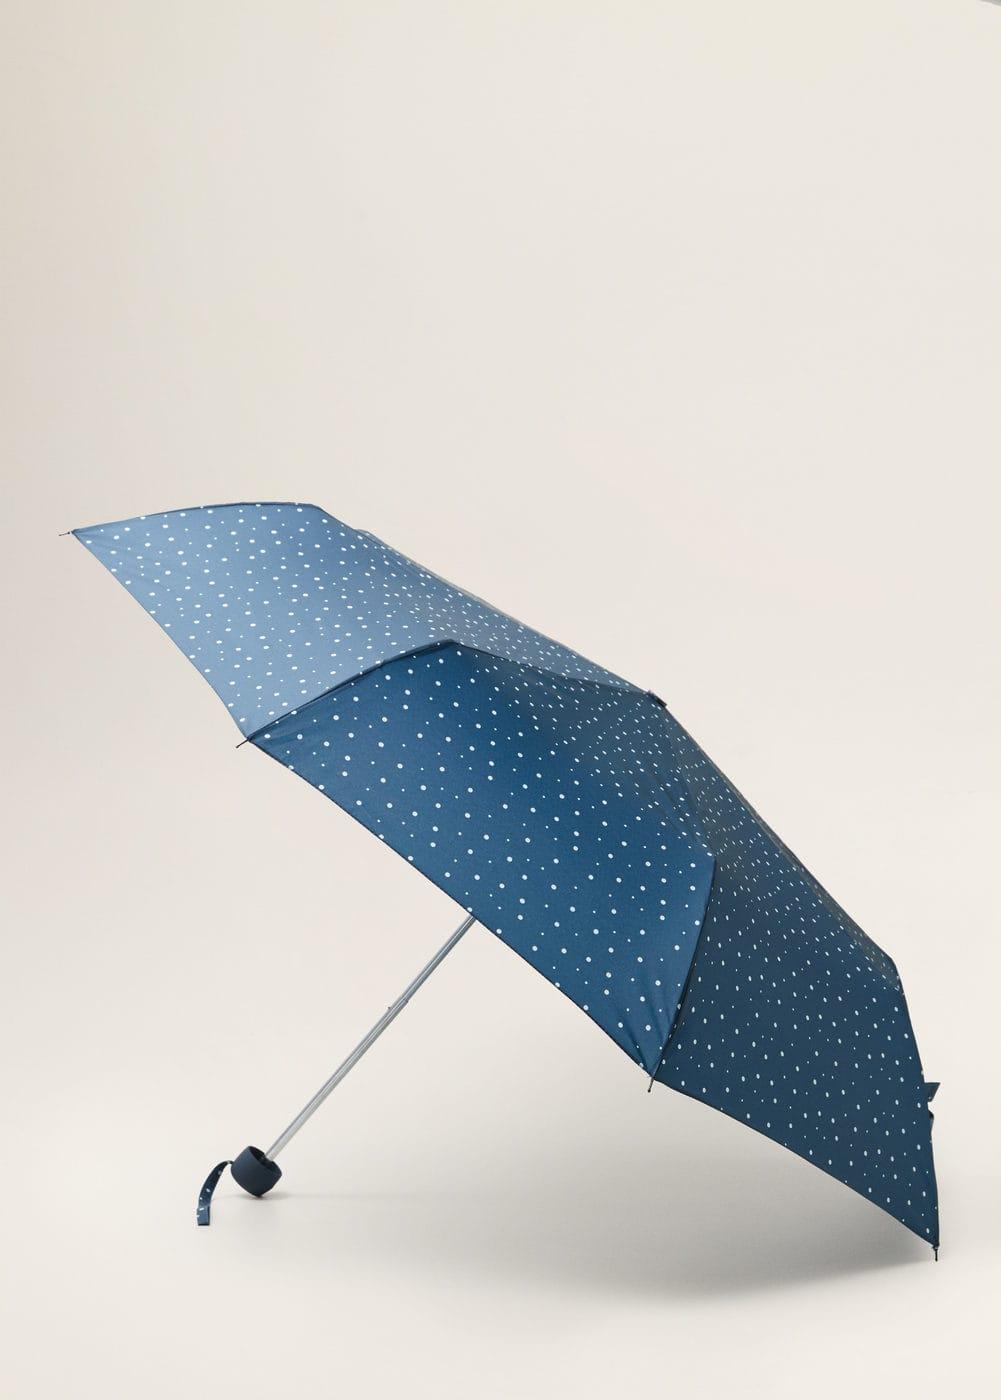 m-punto:paraguas plegable lunares